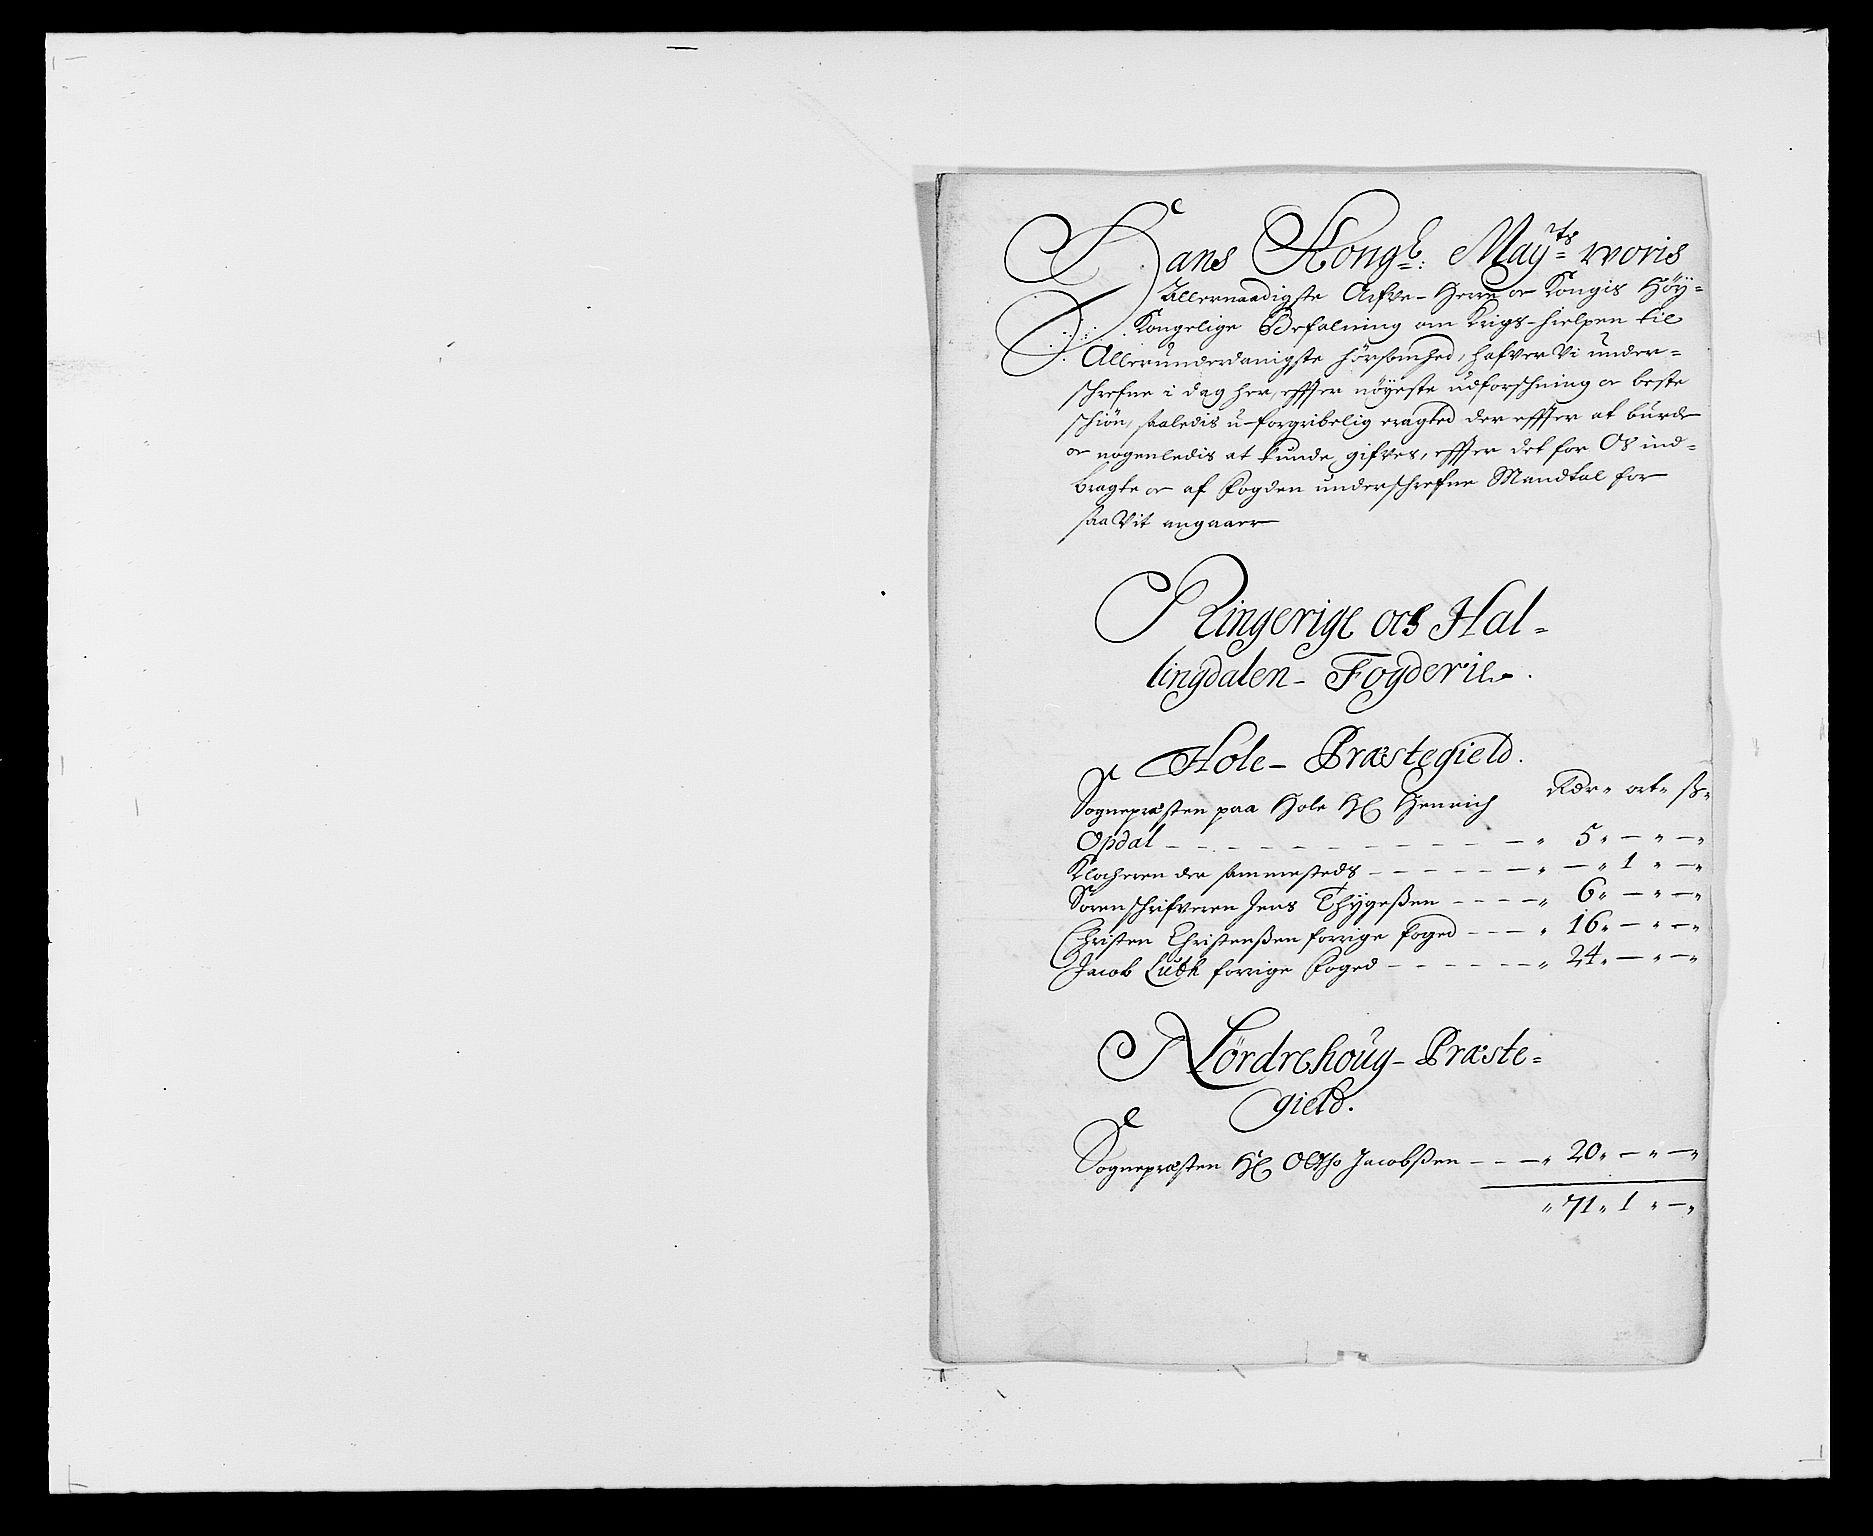 RA, Rentekammeret inntil 1814, Reviderte regnskaper, Fogderegnskap, R21/L1446: Fogderegnskap Ringerike og Hallingdal, 1683-1686, s. 120